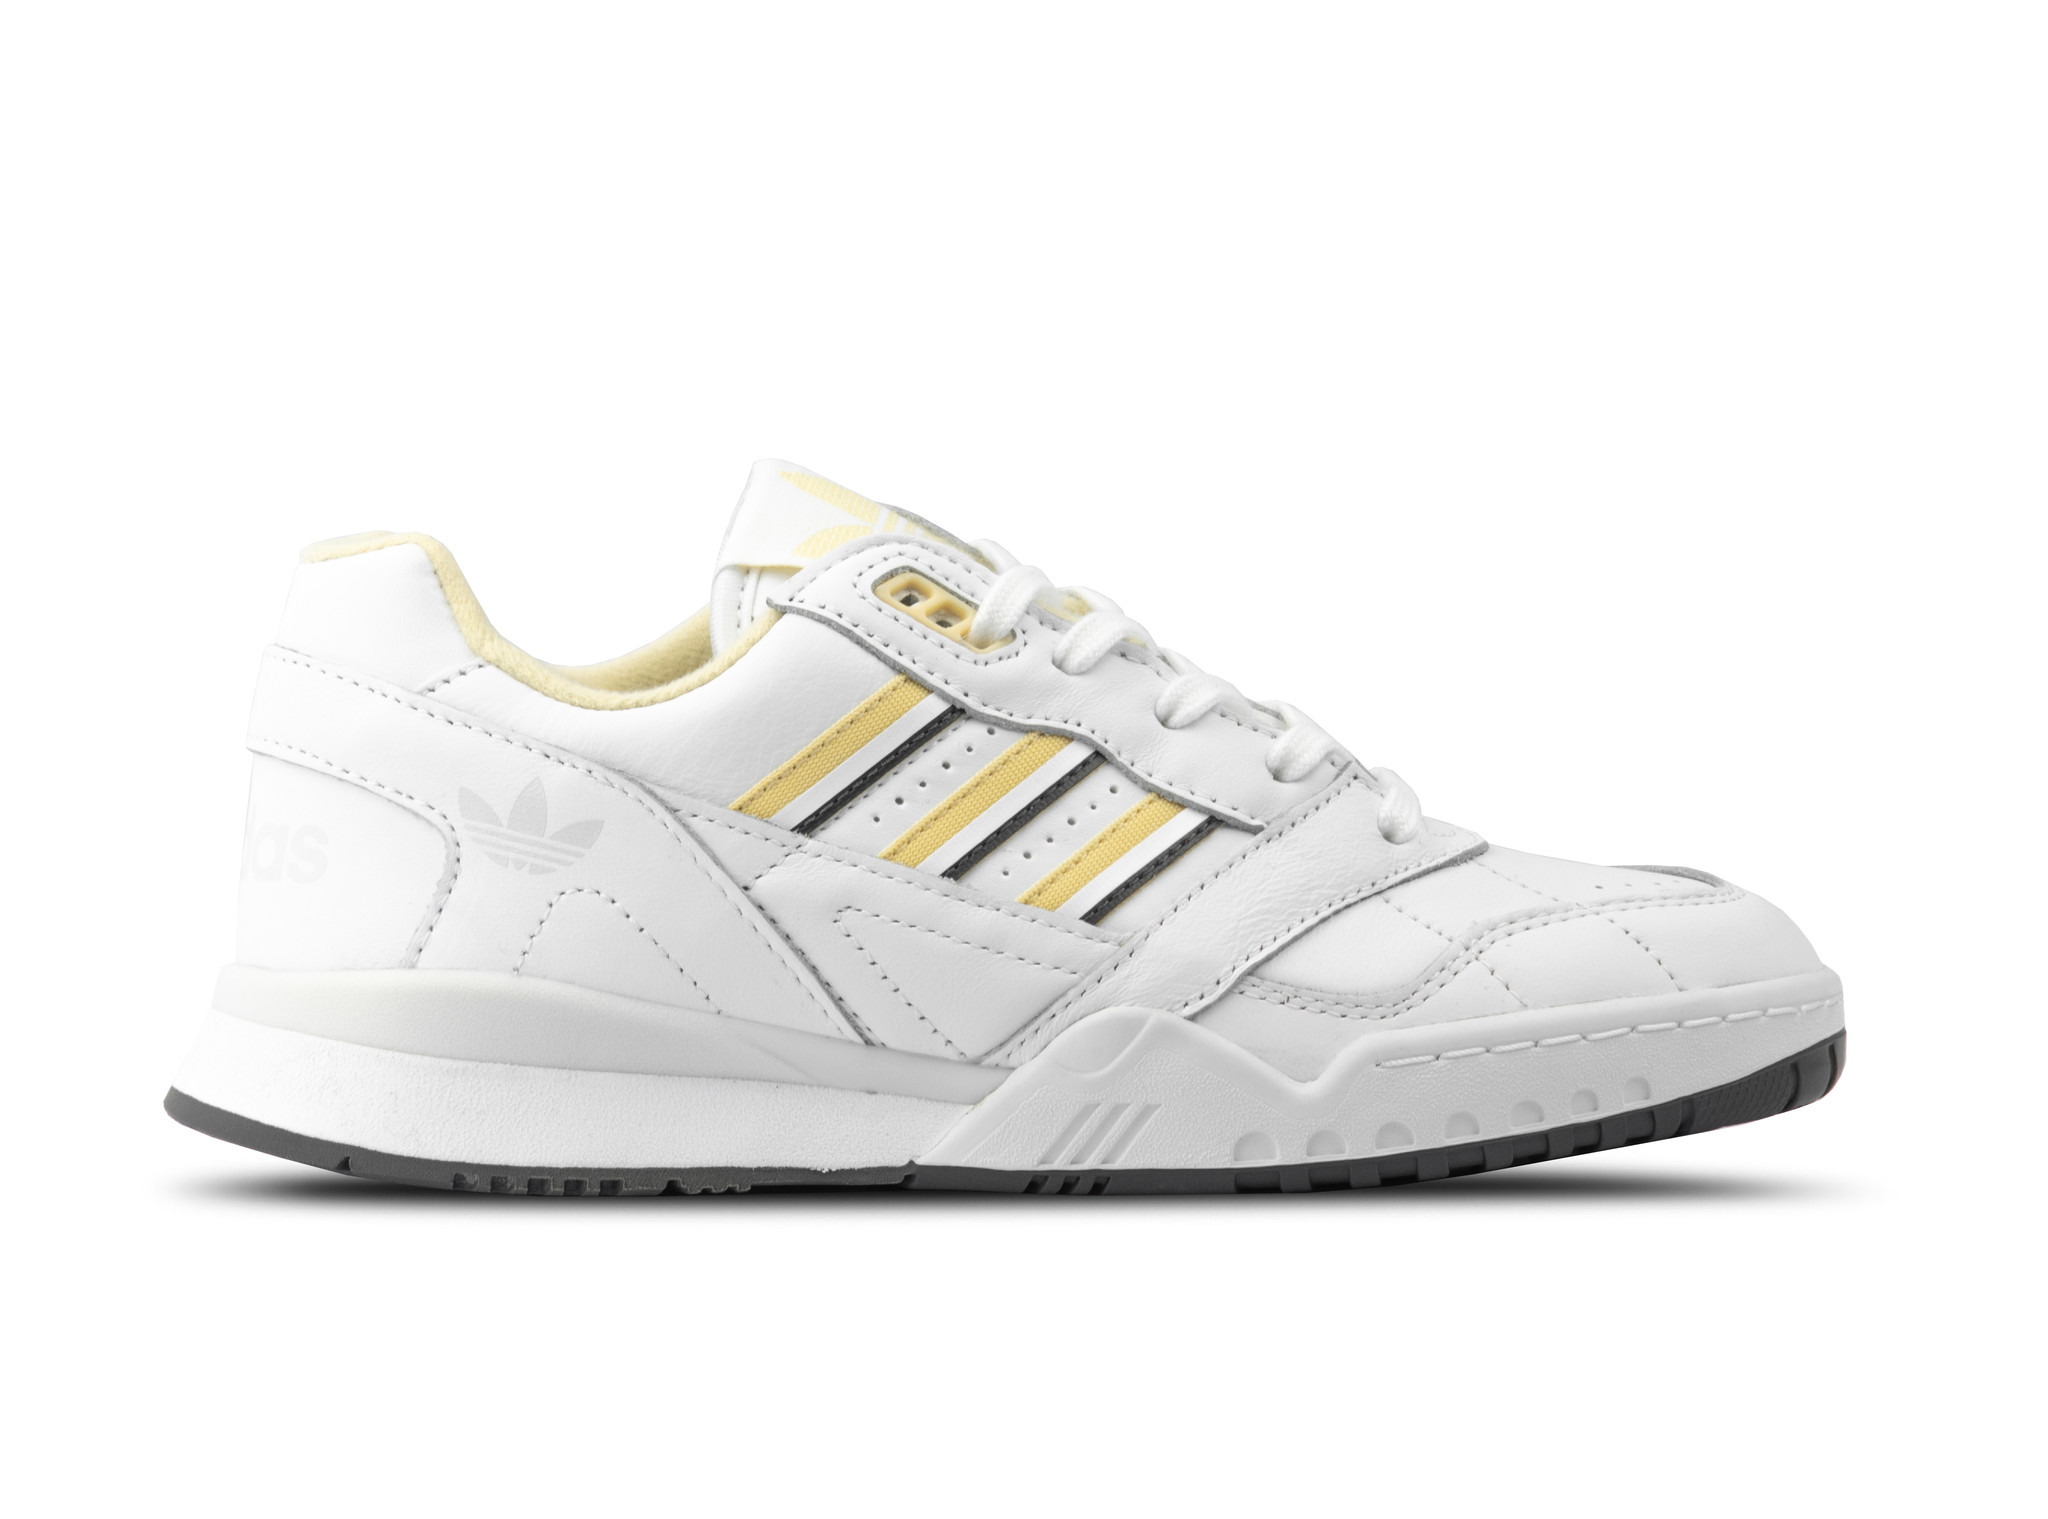 adidas bd7840